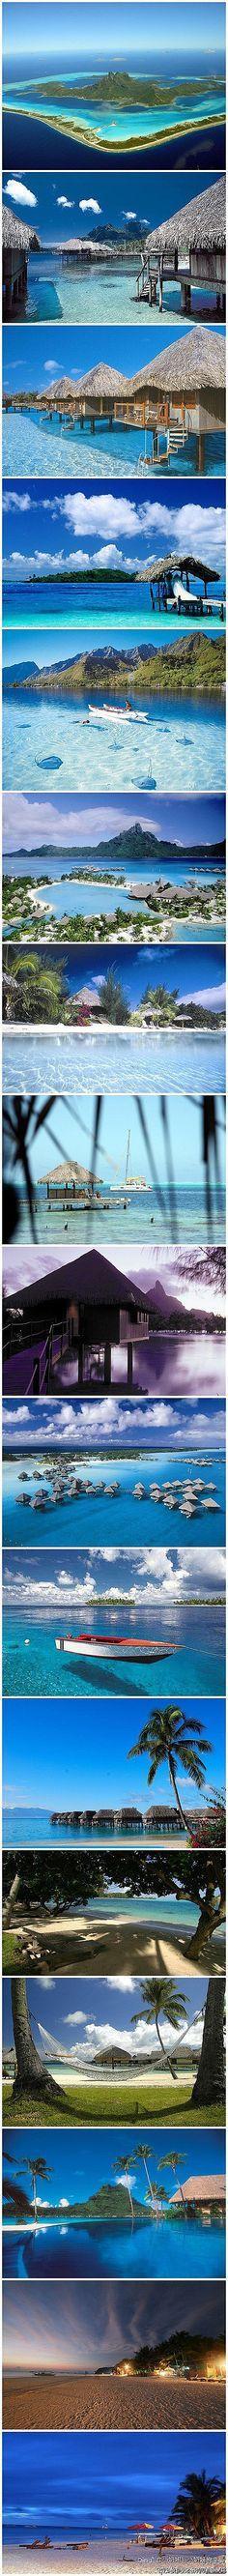 15 imagens incríveis de Bora Bora, na Polinésia Francesa. #Viagem #Praia #Litoral